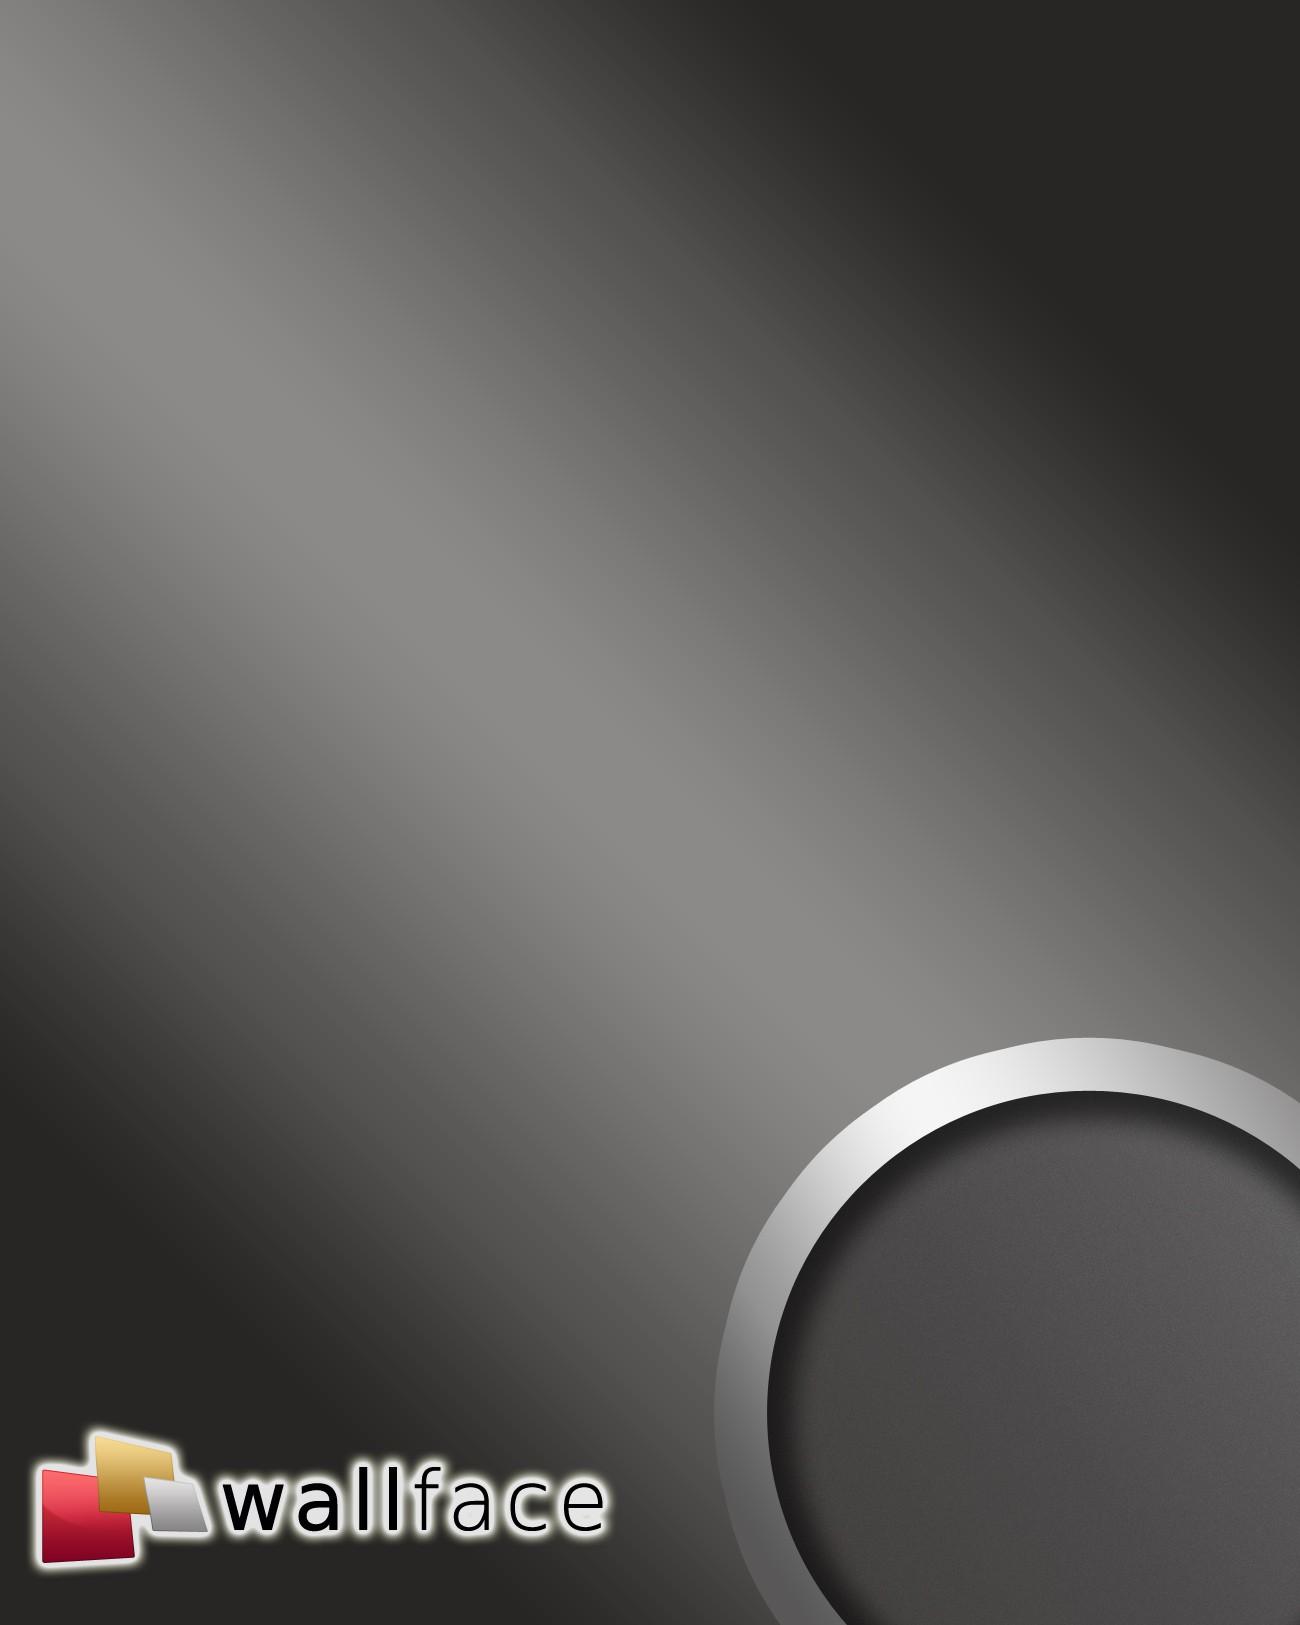 Panou Decorativ Deco 13810  Wallface  Autocolant